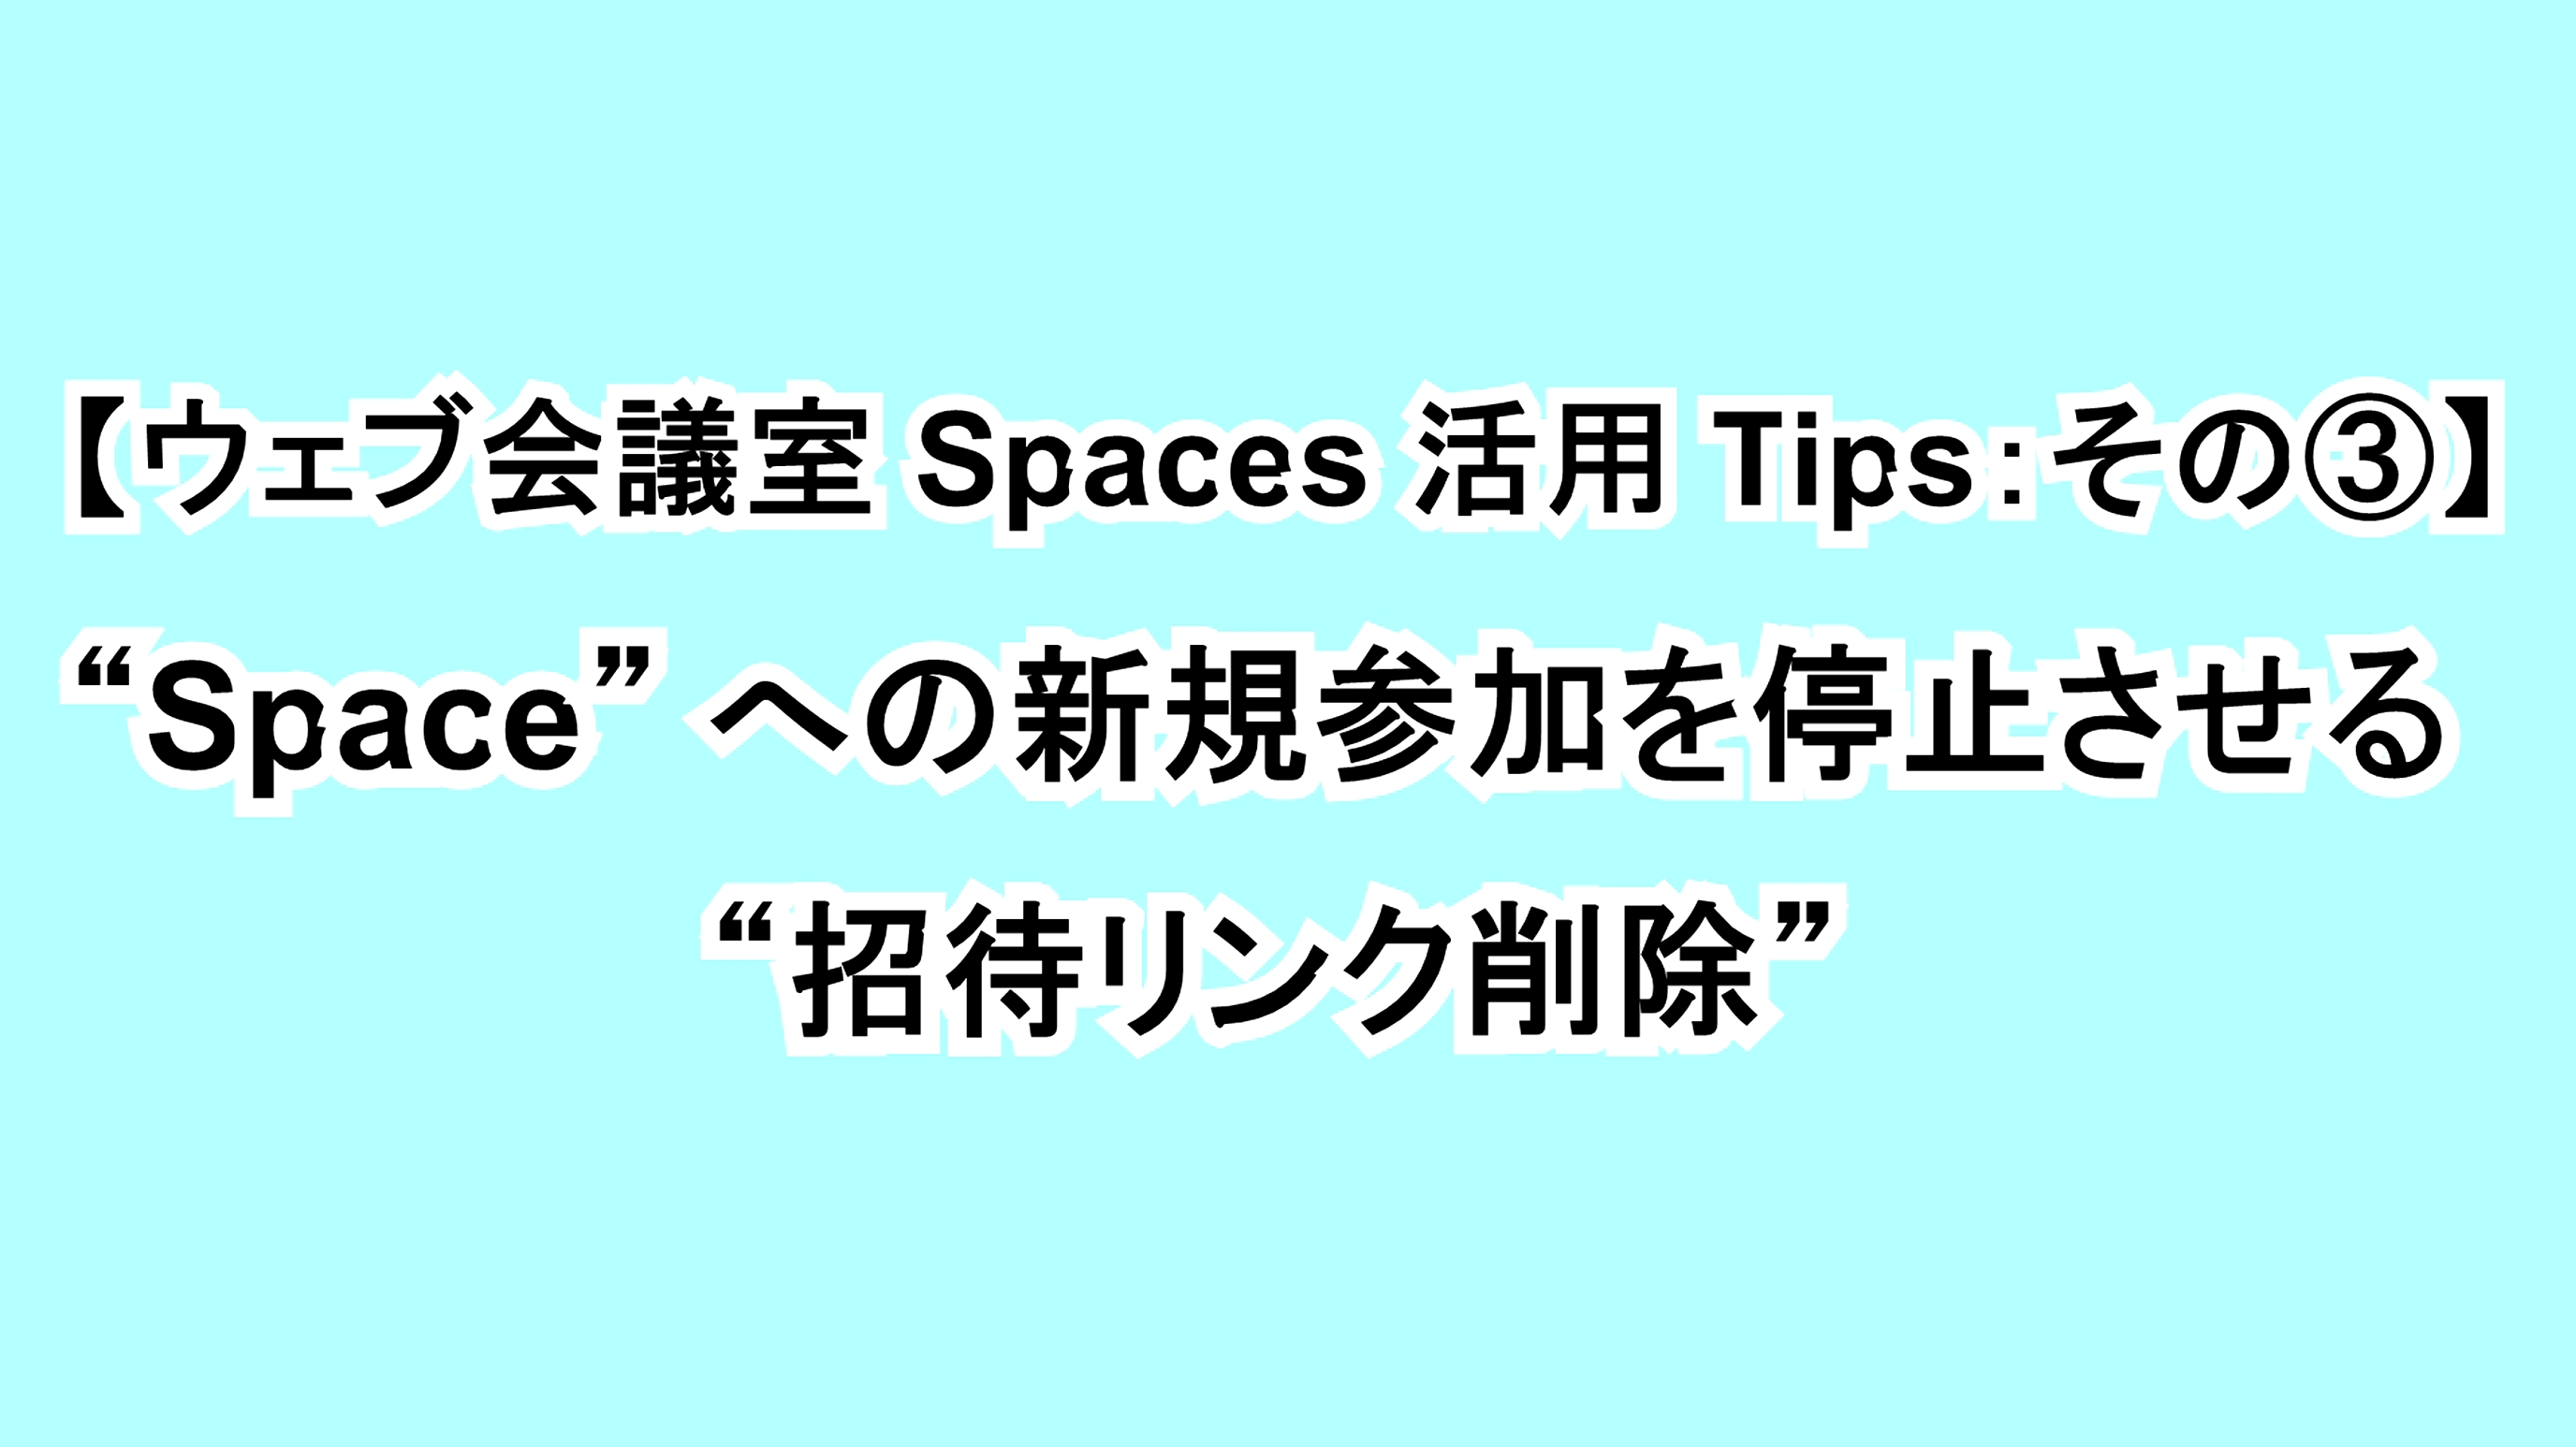 """【ウェブ会議室Spaces活用Tips:その③】""""Space""""への新規参加を停止させる """"招待リンク削除"""""""